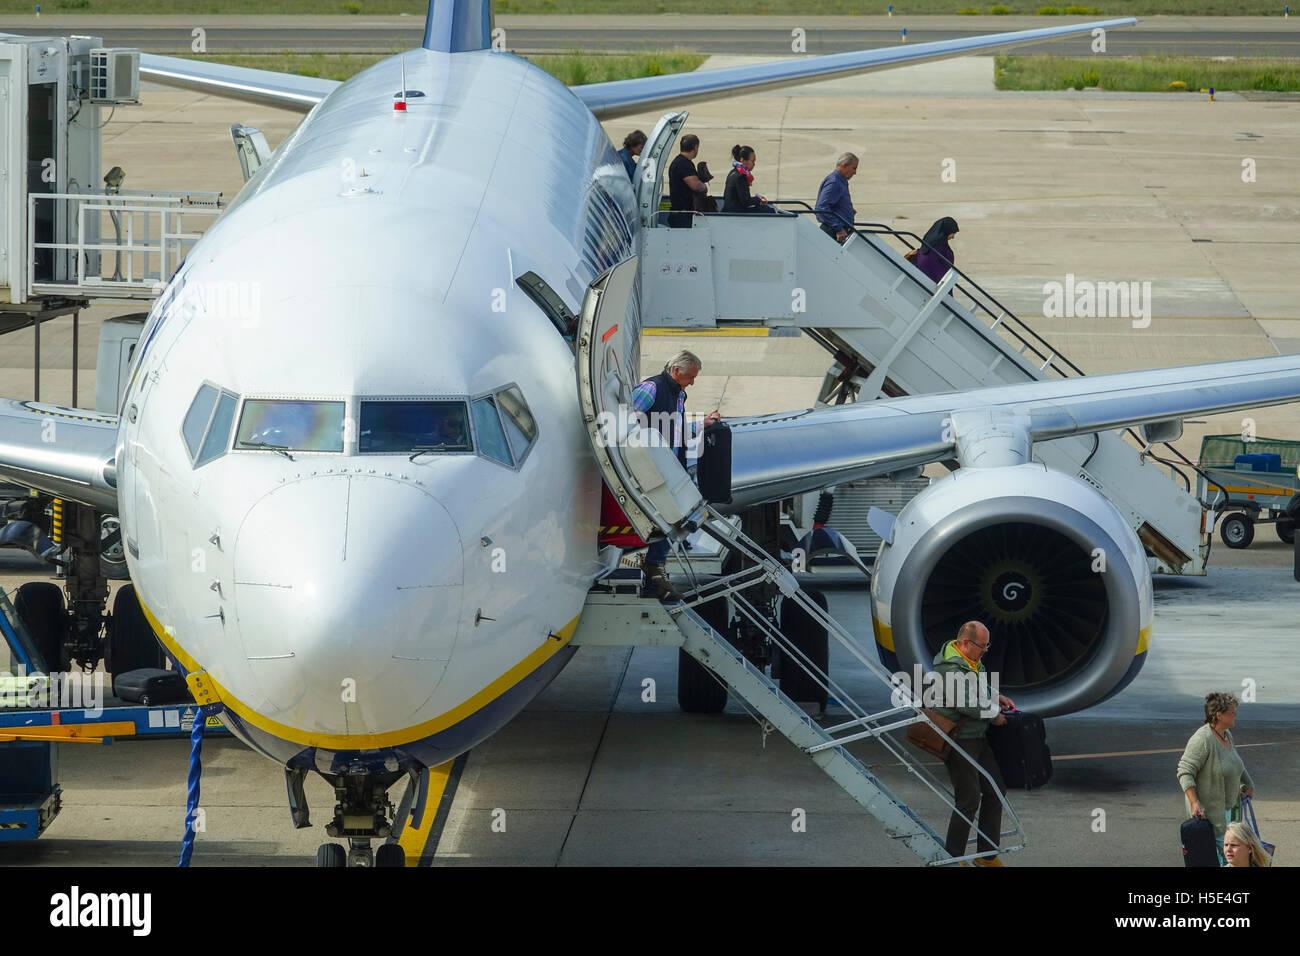 Viajes en avión - gente baje de aeronaves en destino Imagen De Stock